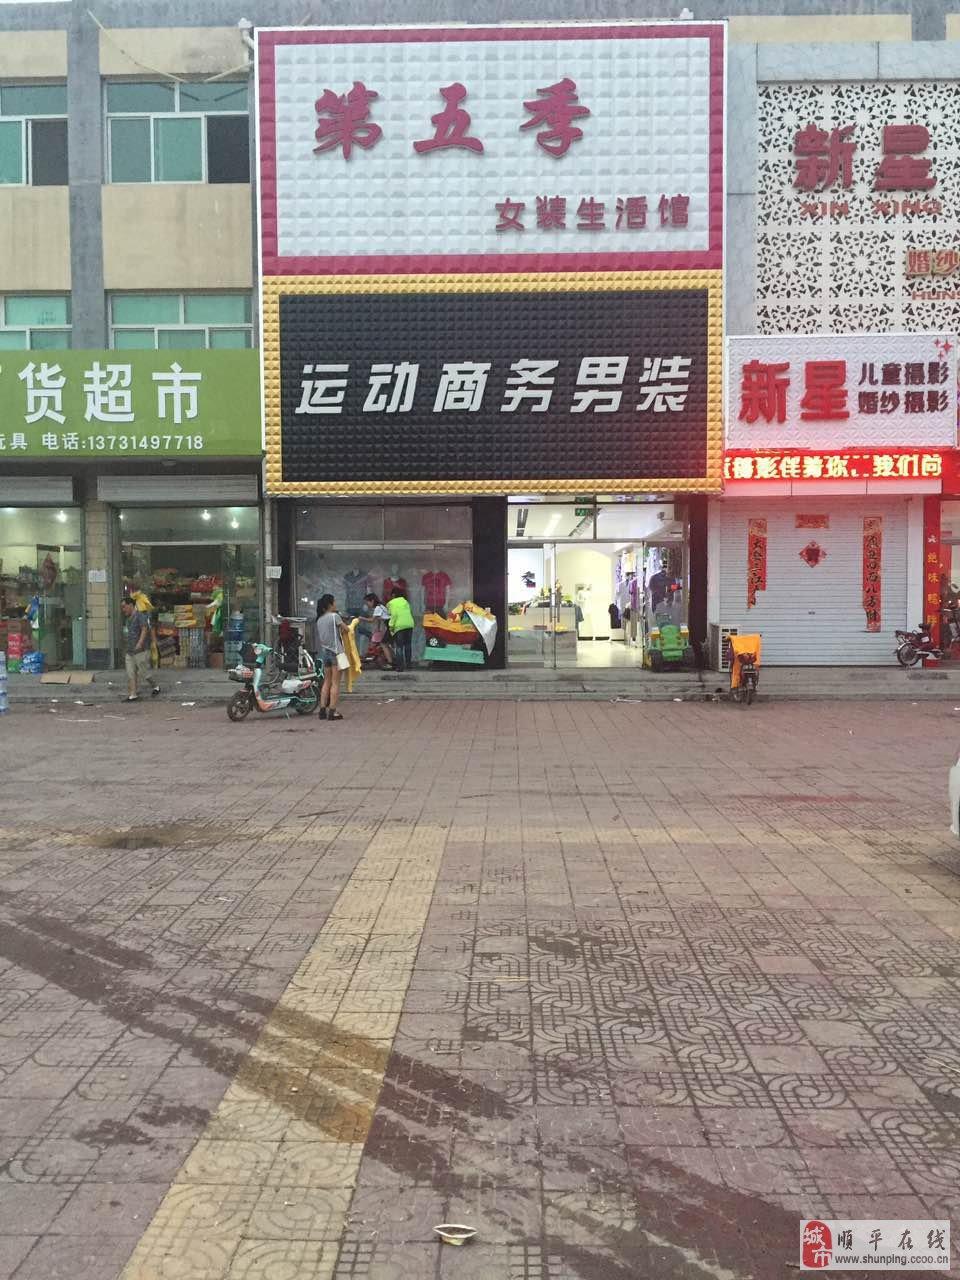 第五季服装店主营一楼运动商务